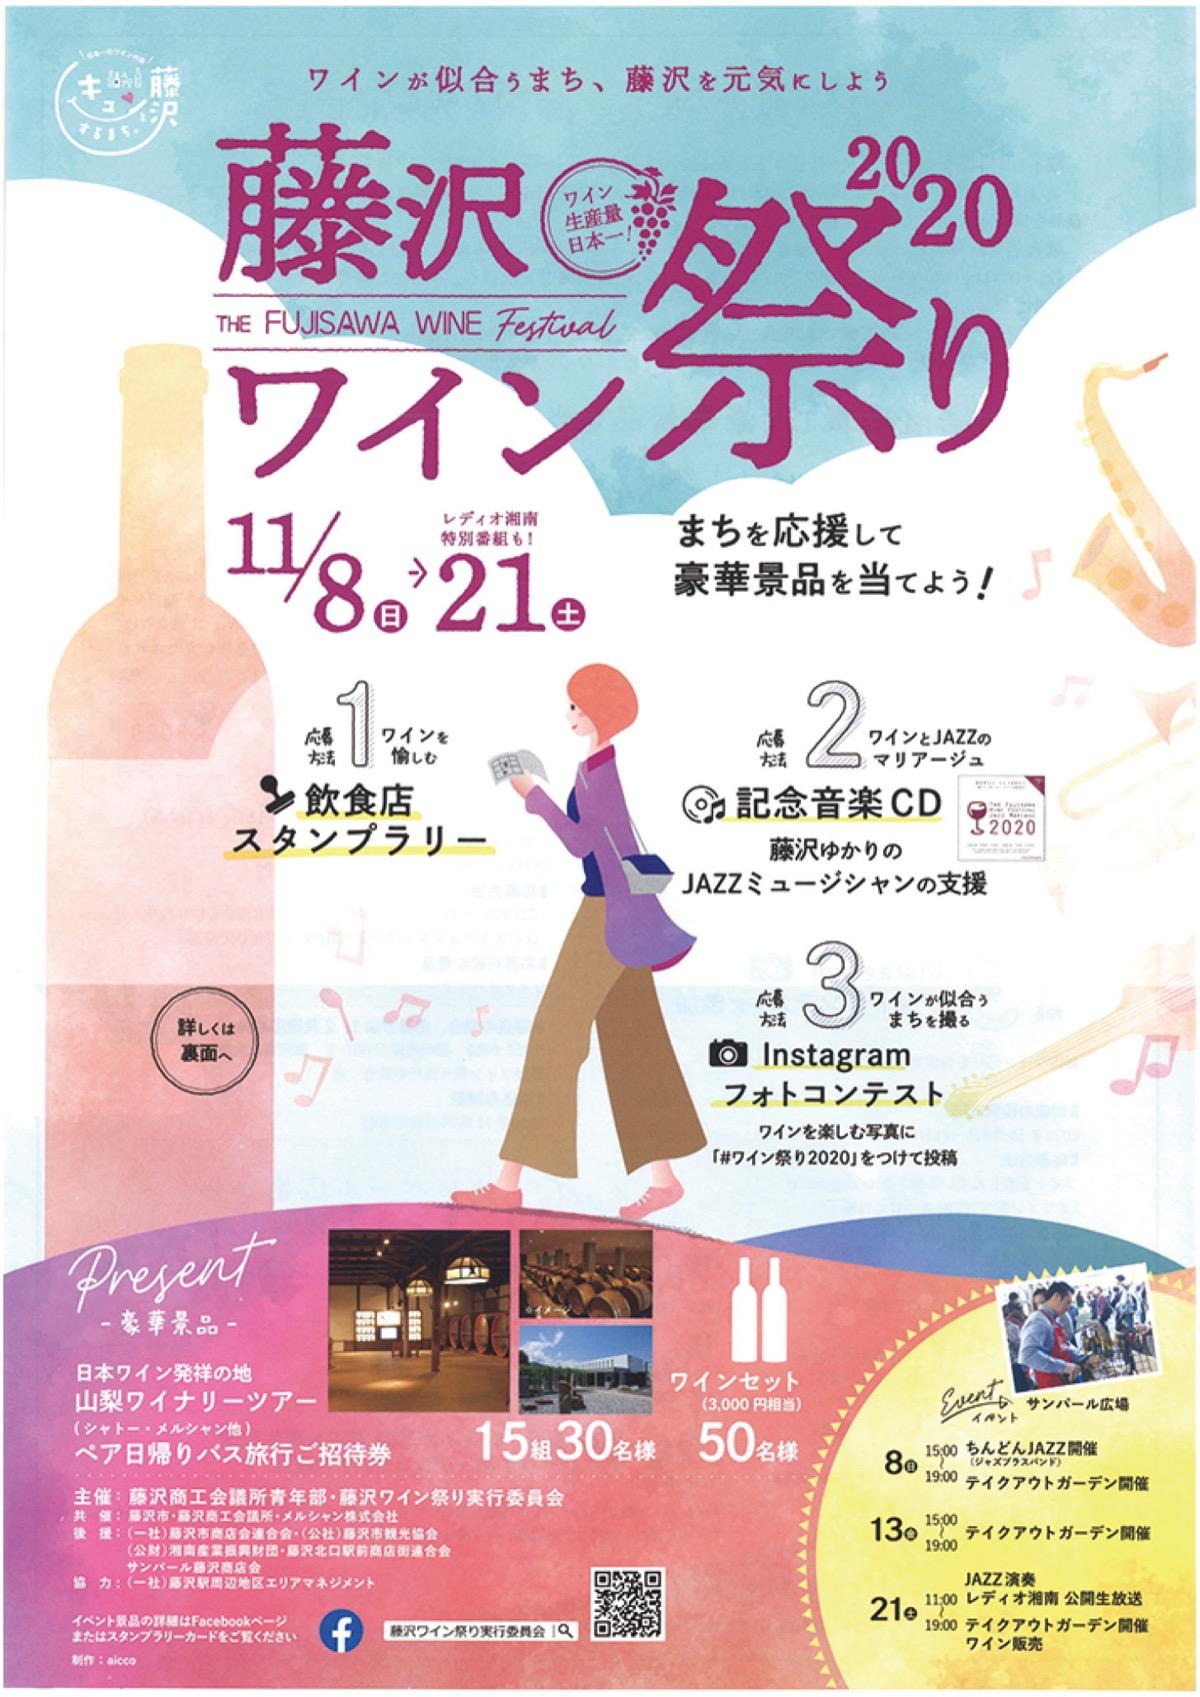 ワイン祭り8日スタート 飲食店巡るスタンプラリー | 藤沢 | タウンニュース